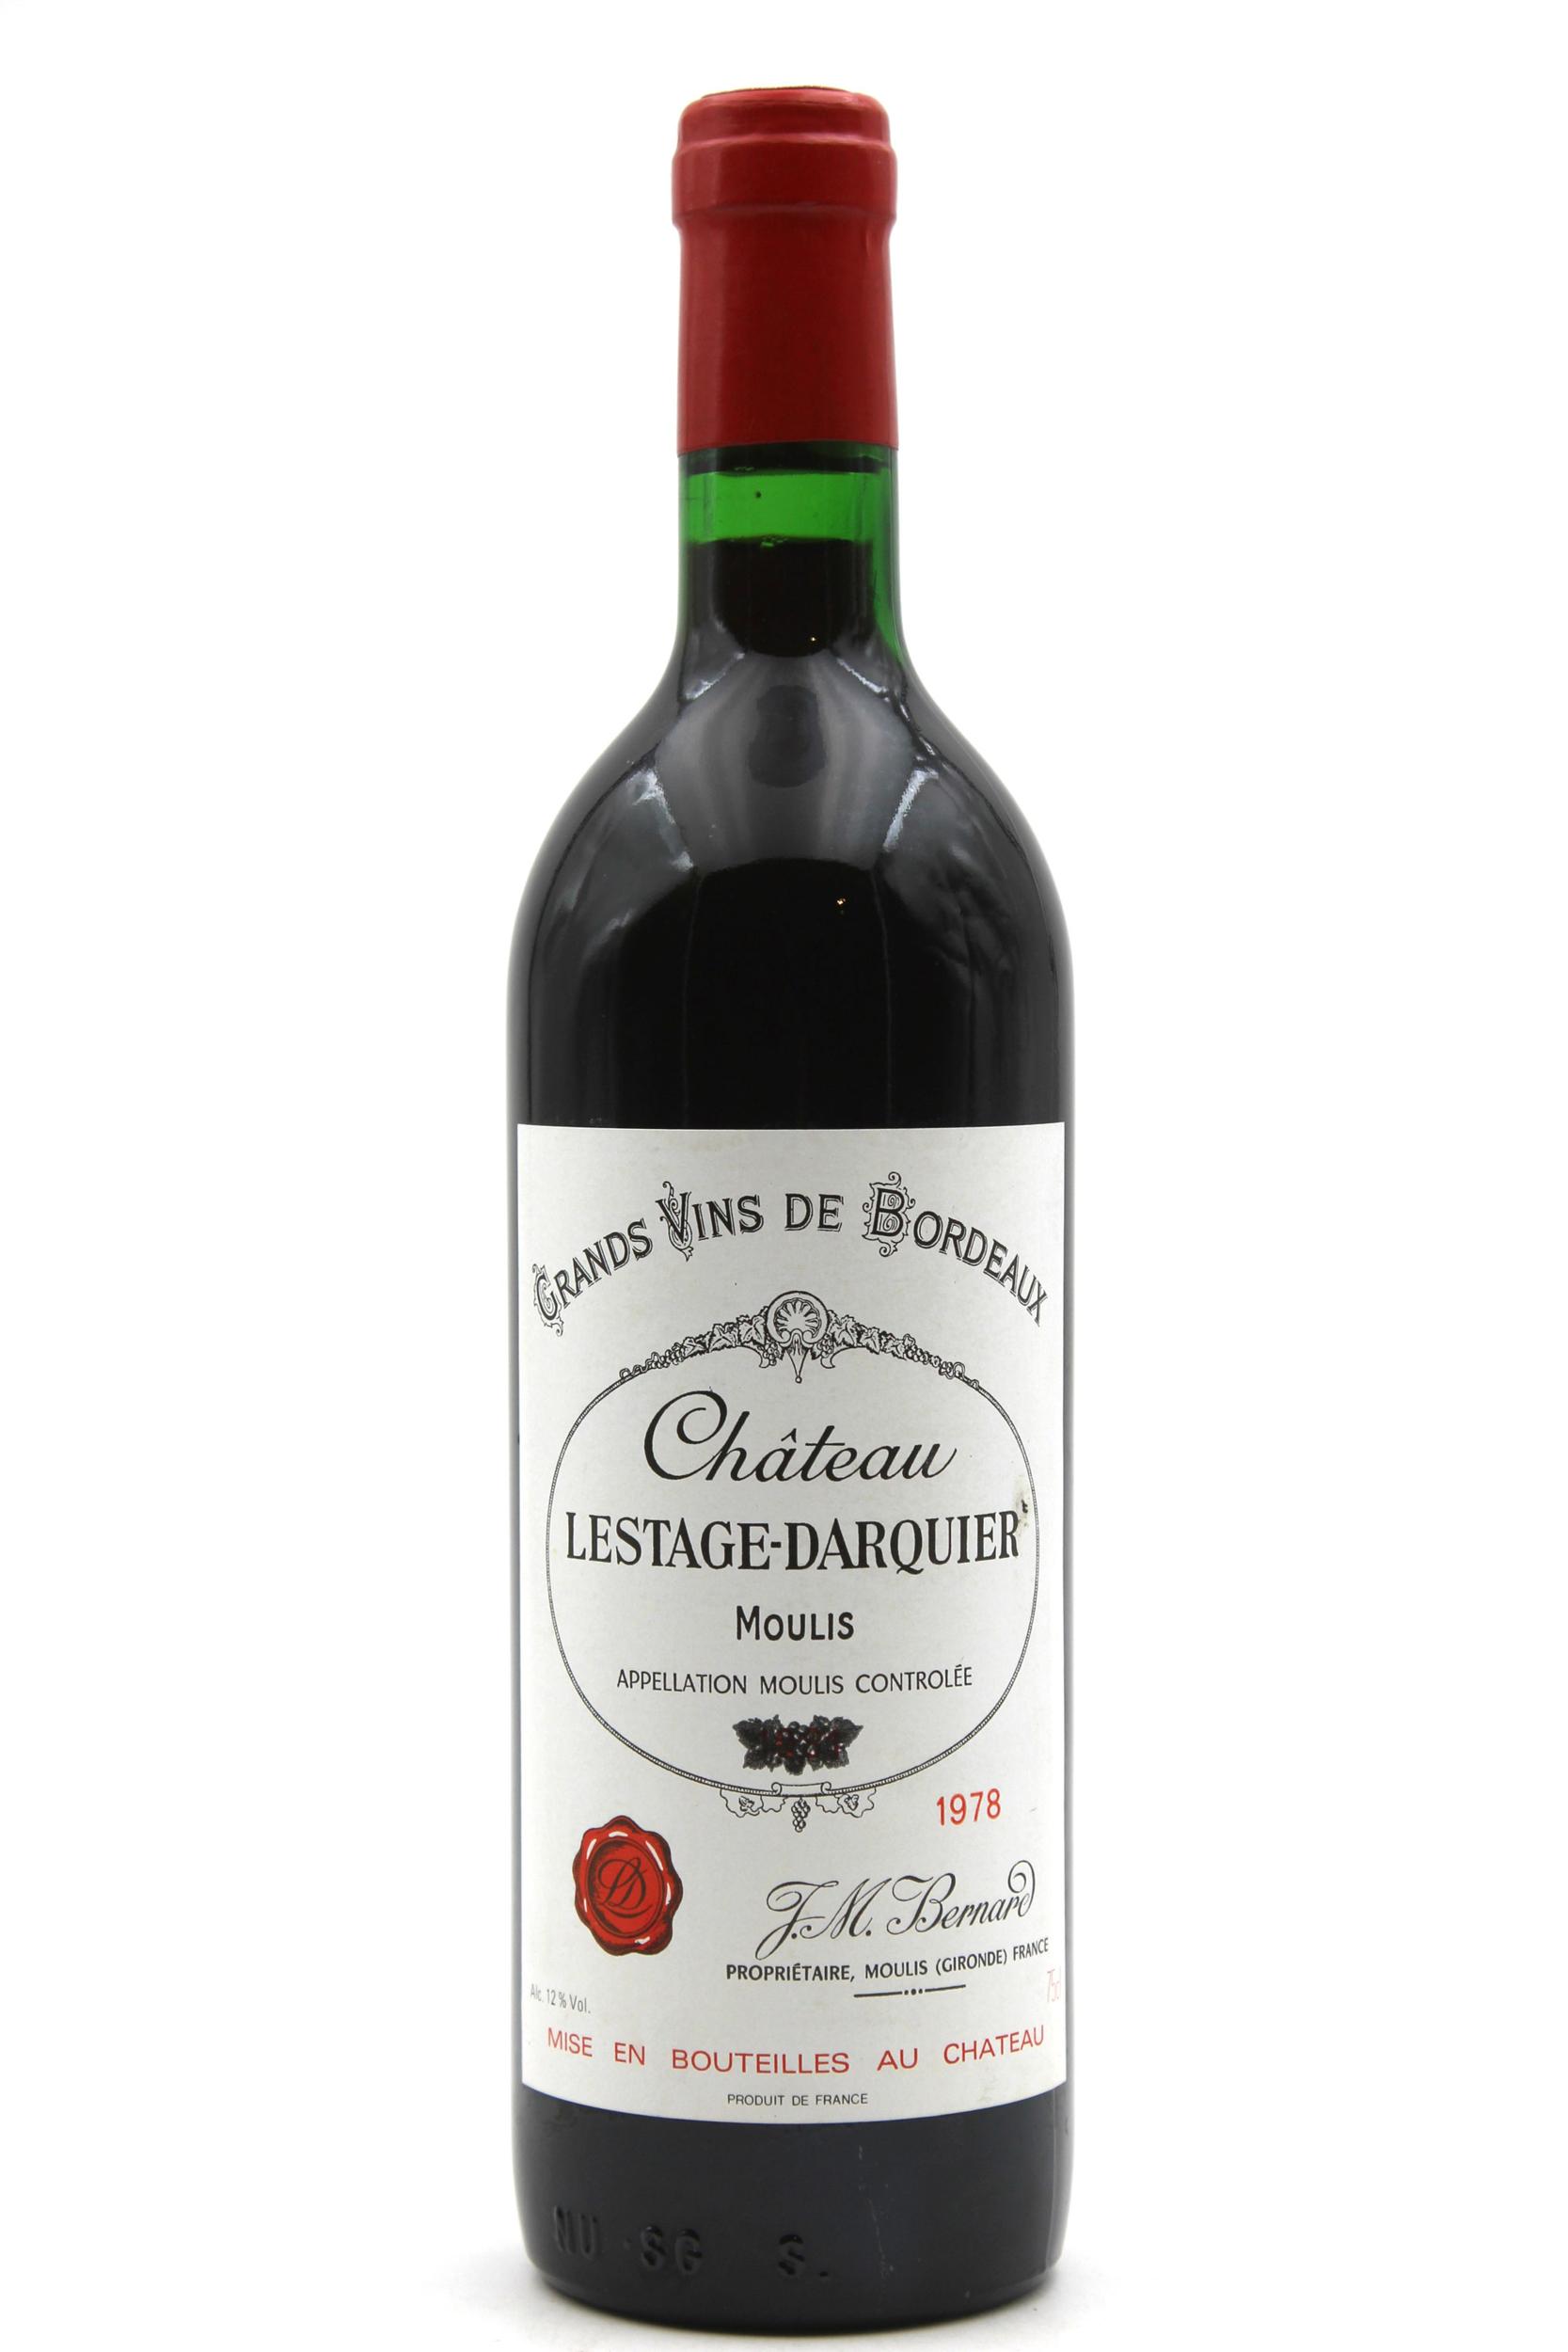 Château Lestage Darquier 1978 Rouge 75cl AOC Moulis